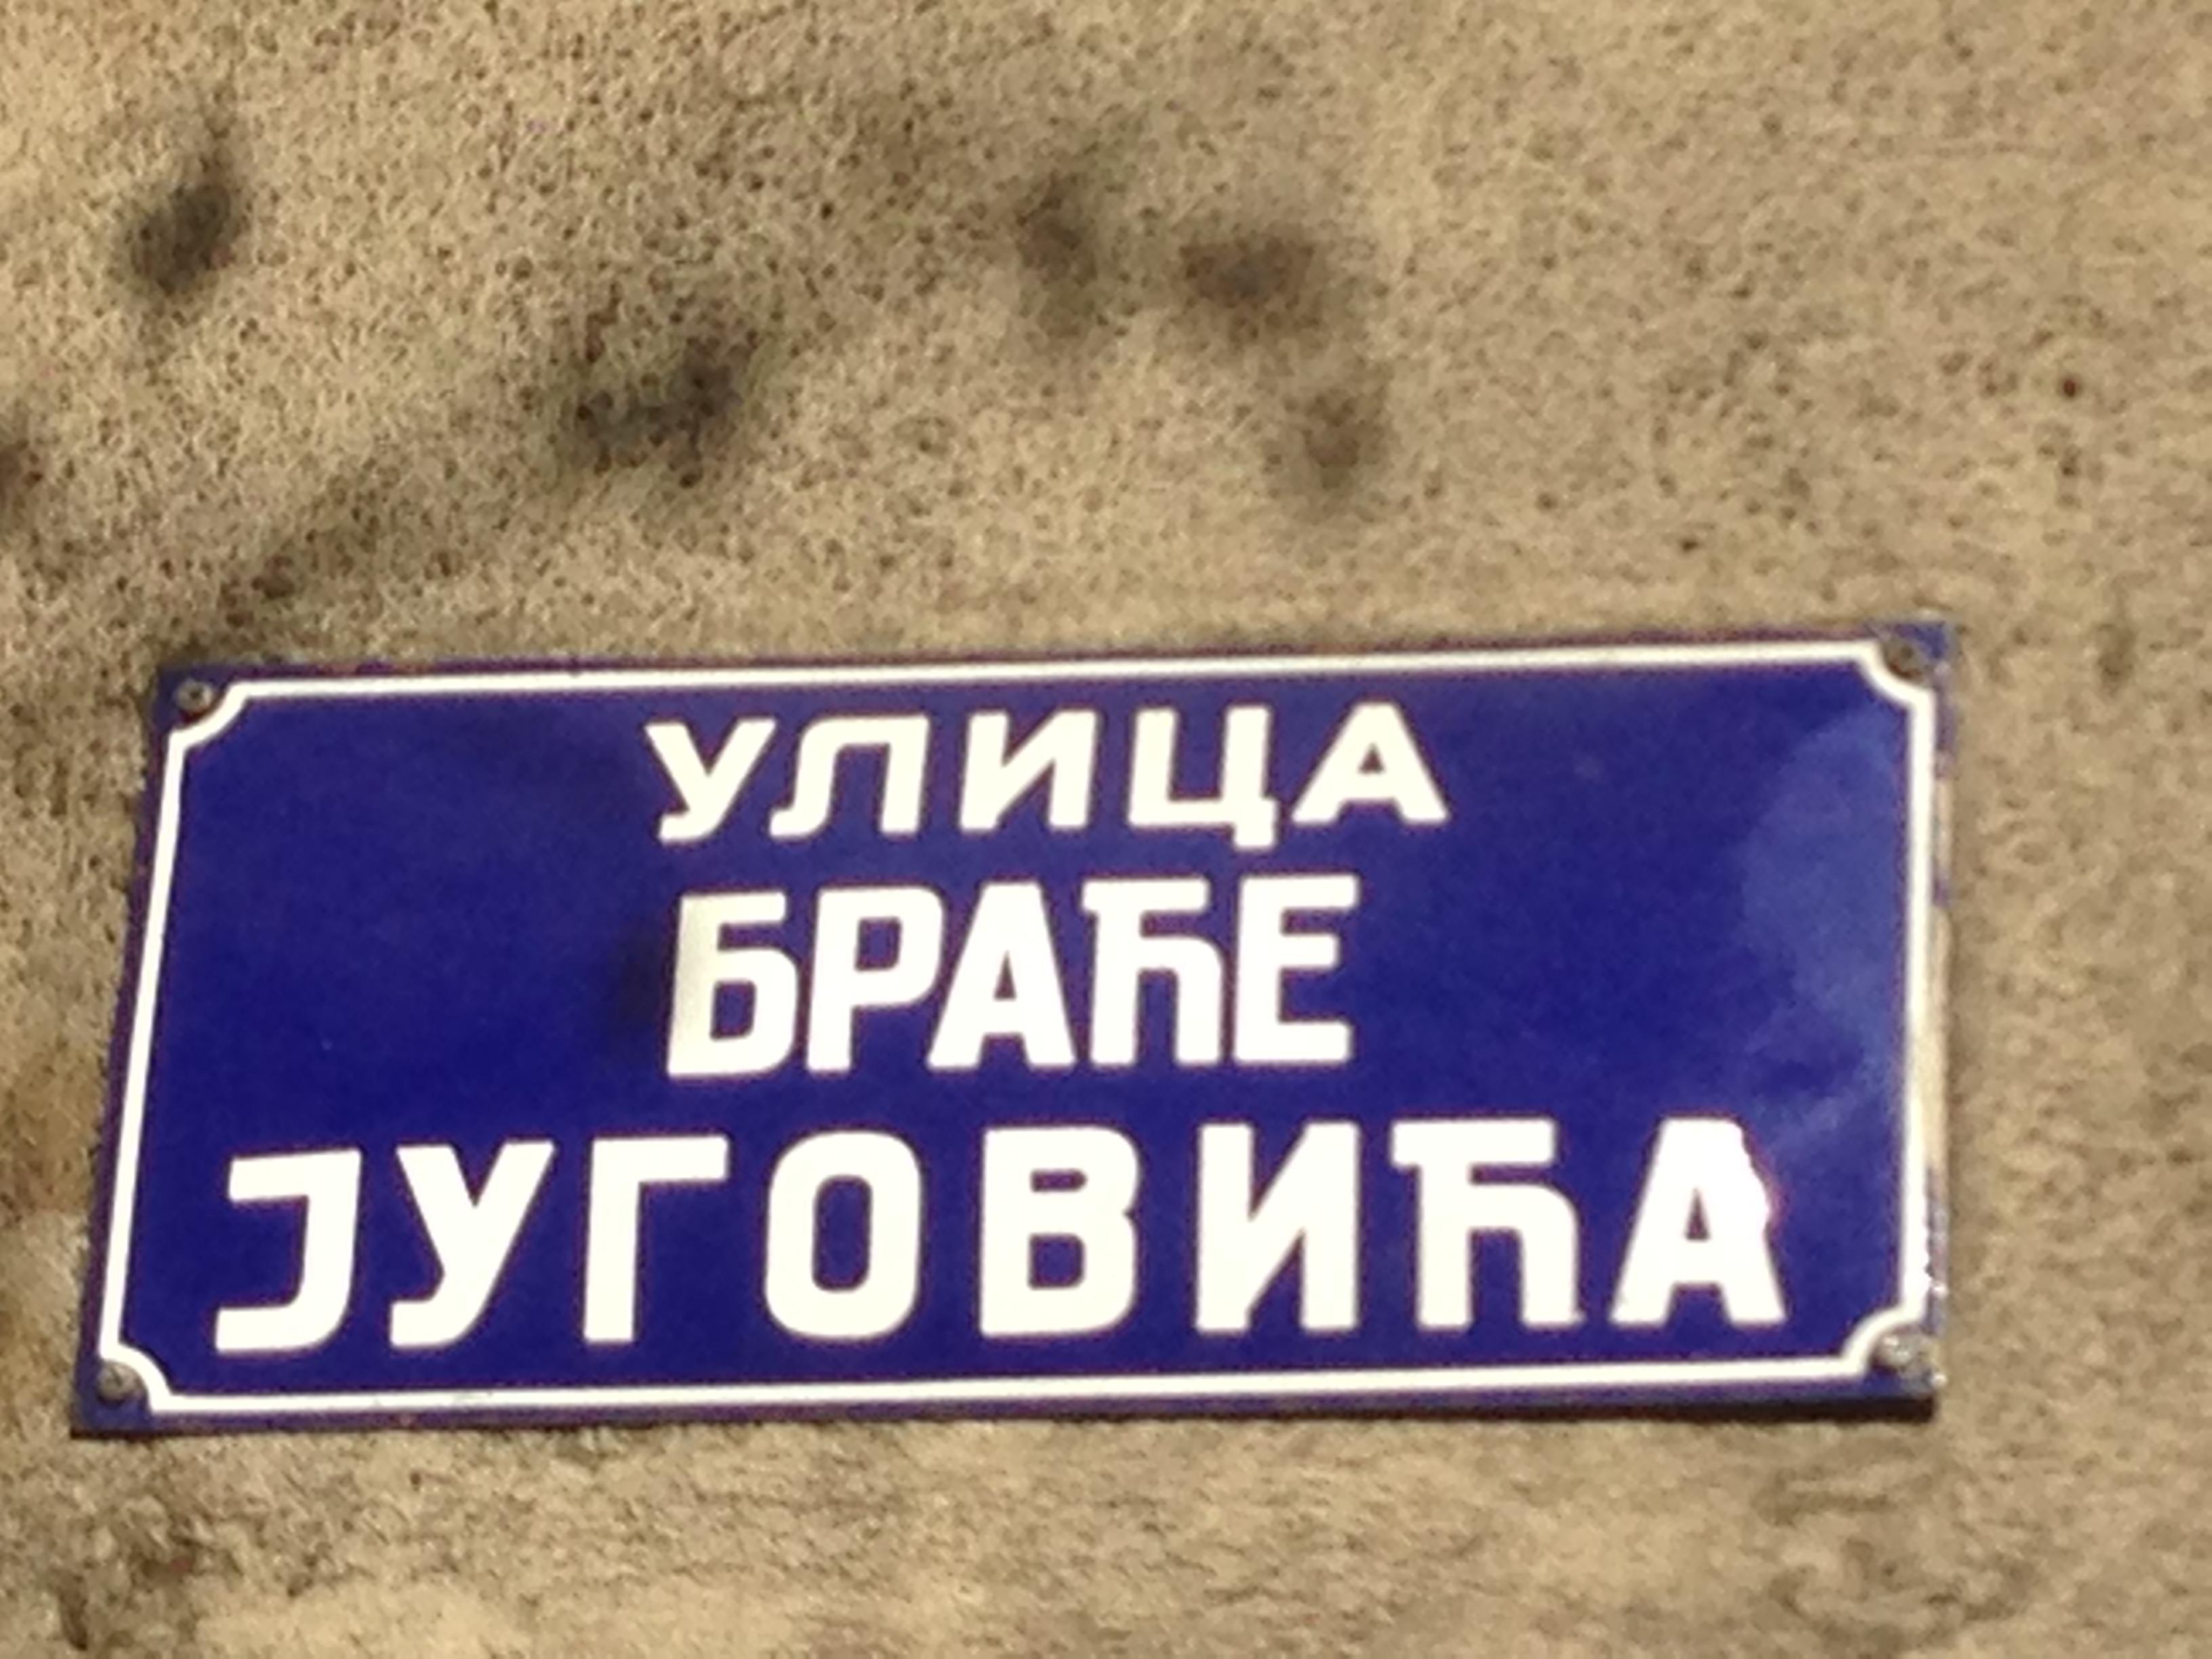 Placa en cirílico en las calles de Belgrado; capital de Serbia, anteriormente capital de Yugoslavia